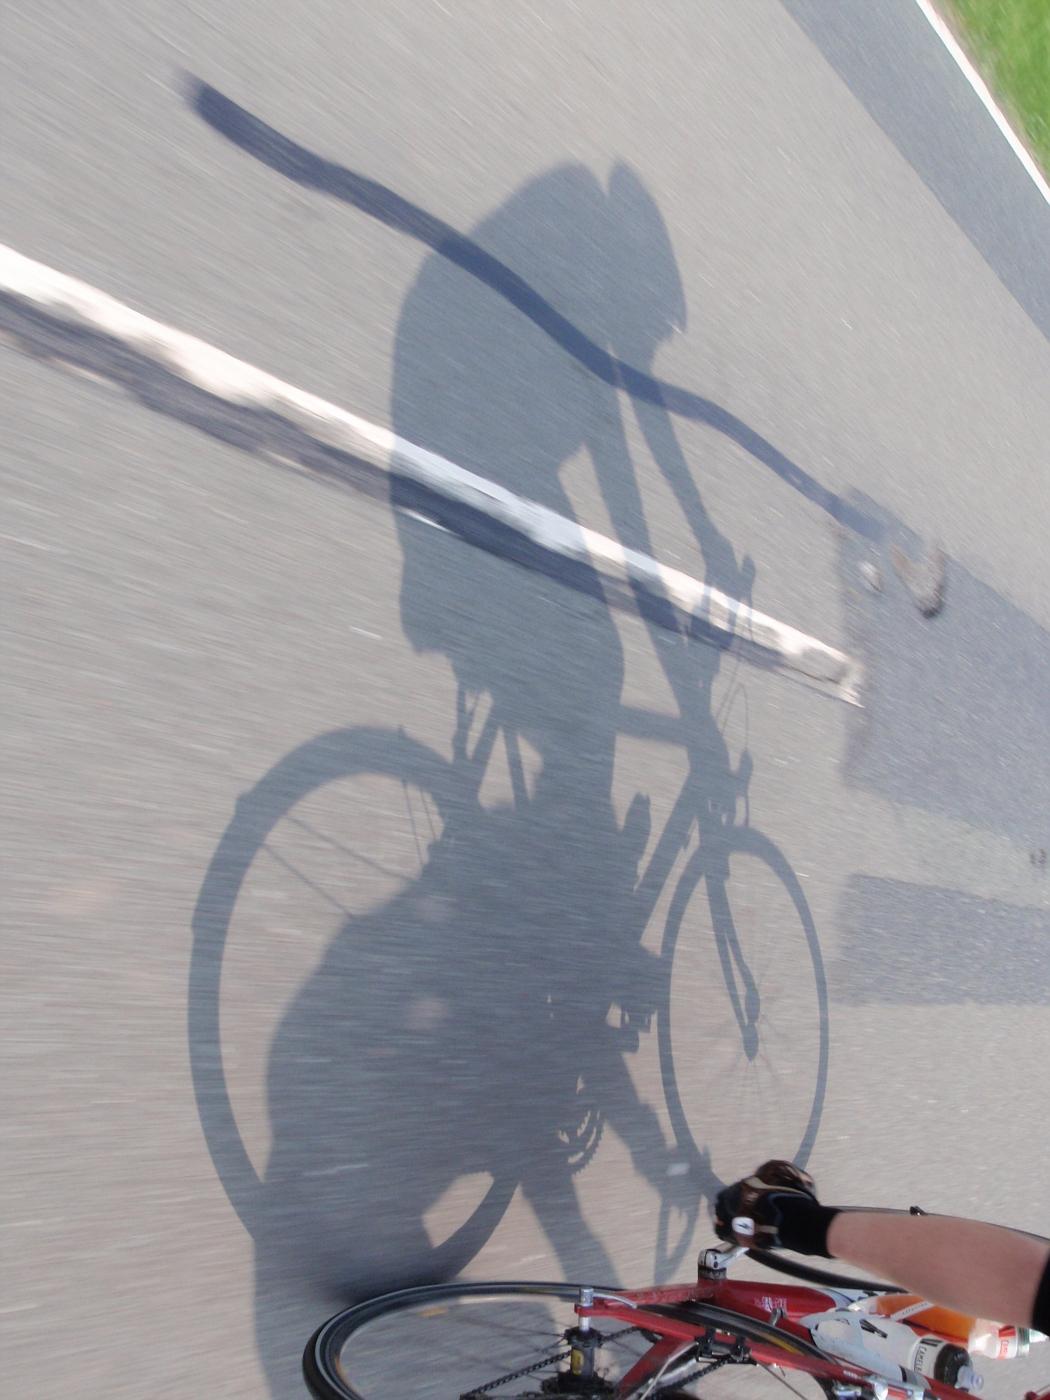 Wolfgang radelt mit seinem Schatten um die Wette! :-D